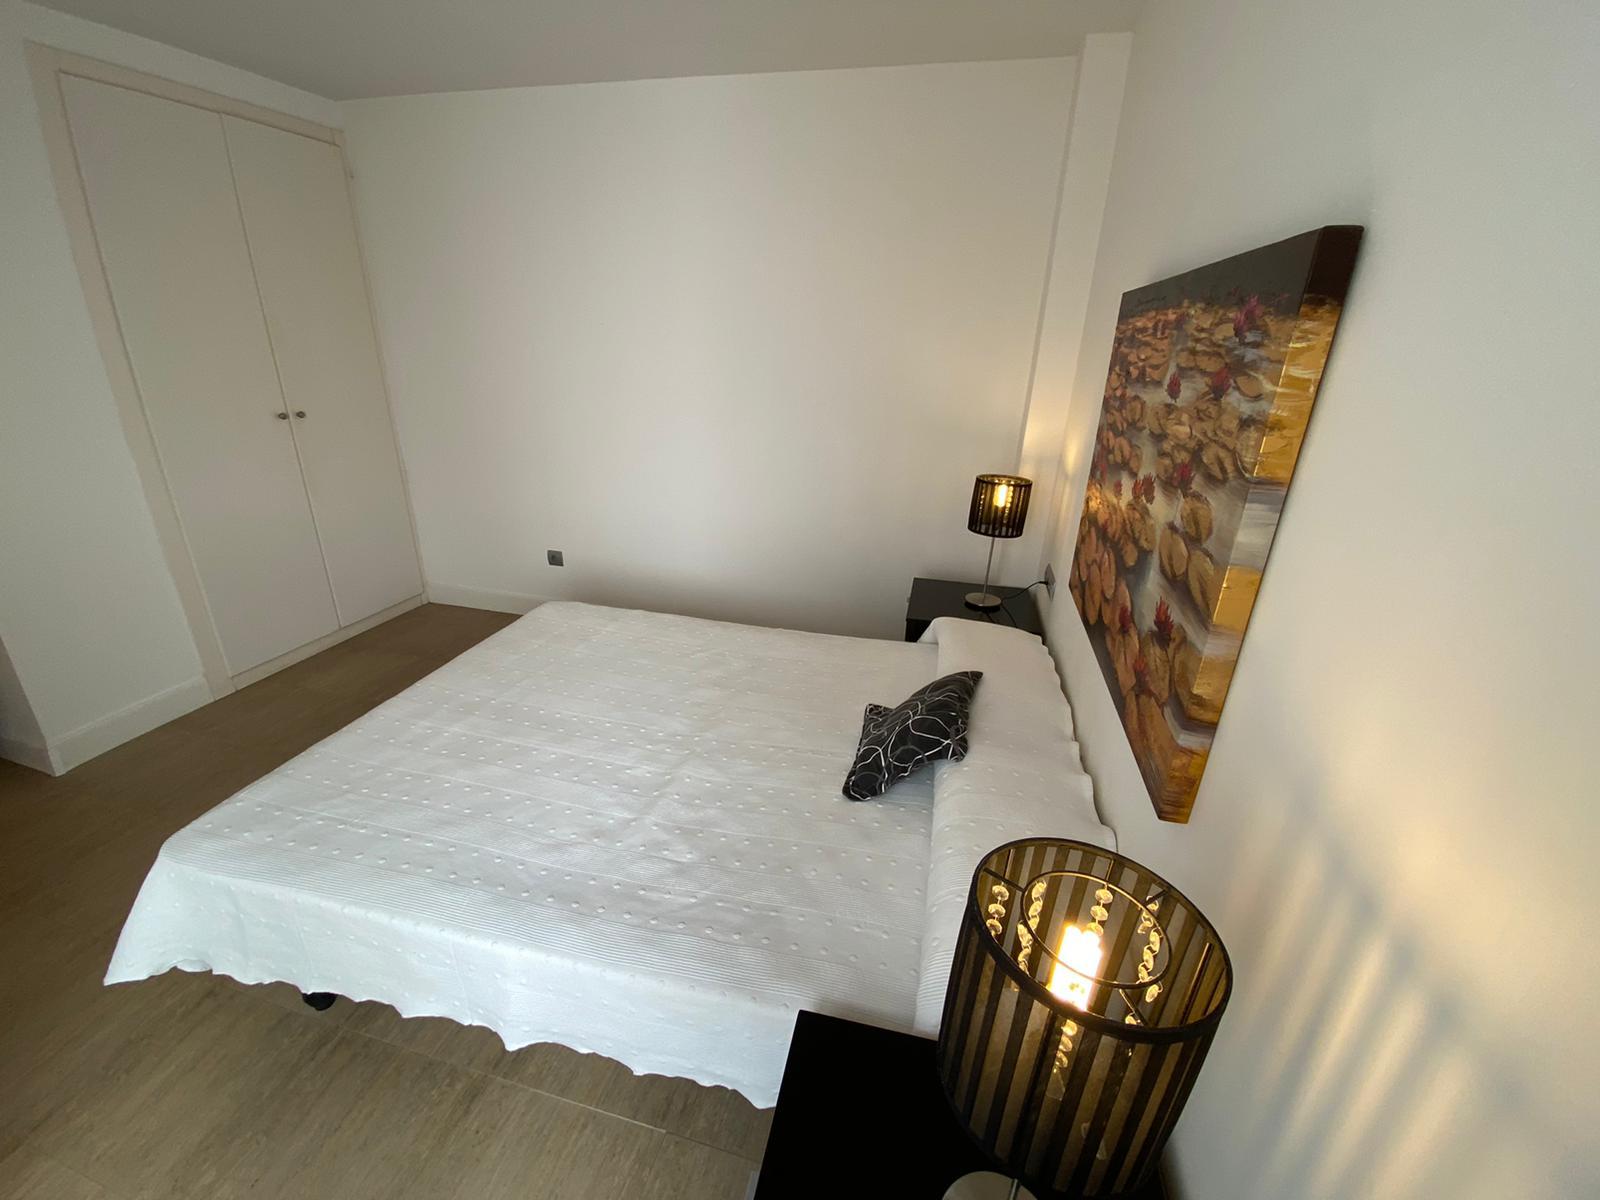 Imagen 14 del Apartamento Turístico, Ático 6 Poniente (3d+2b), Punta del Moral (HUELVA), Paseo de la Cruz nº22